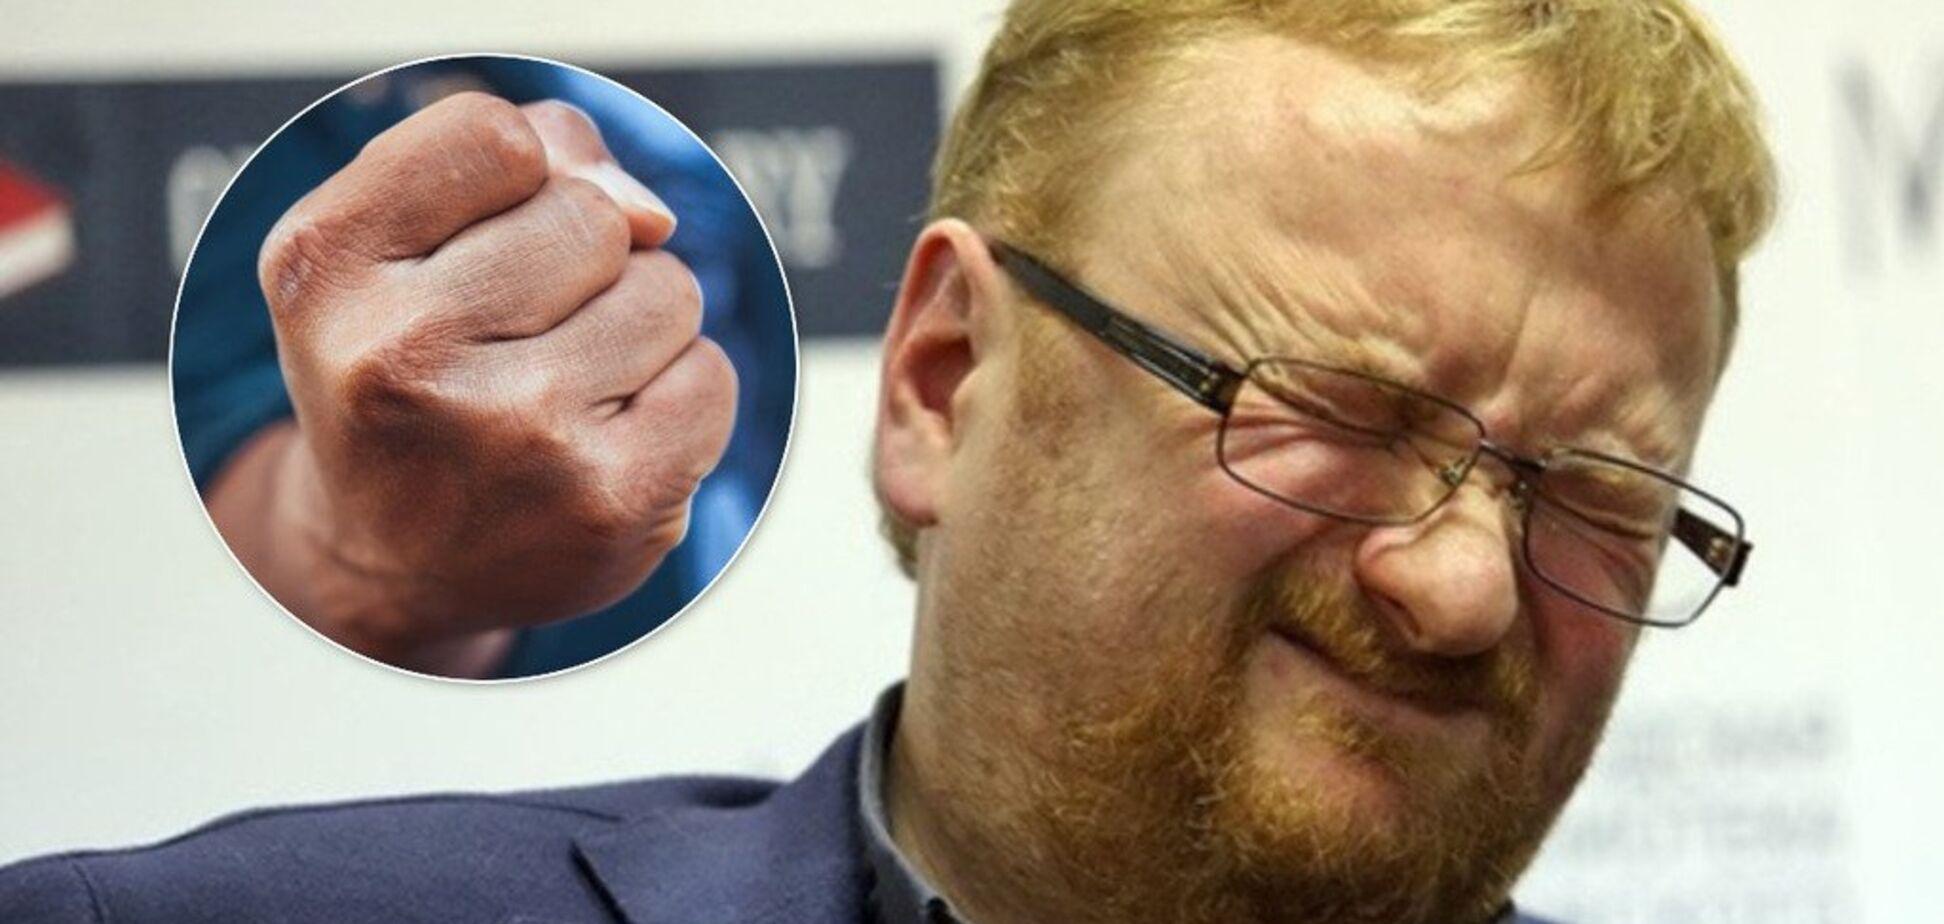 У Росії побили депутата Держдуми, який хотів викупити пів-України